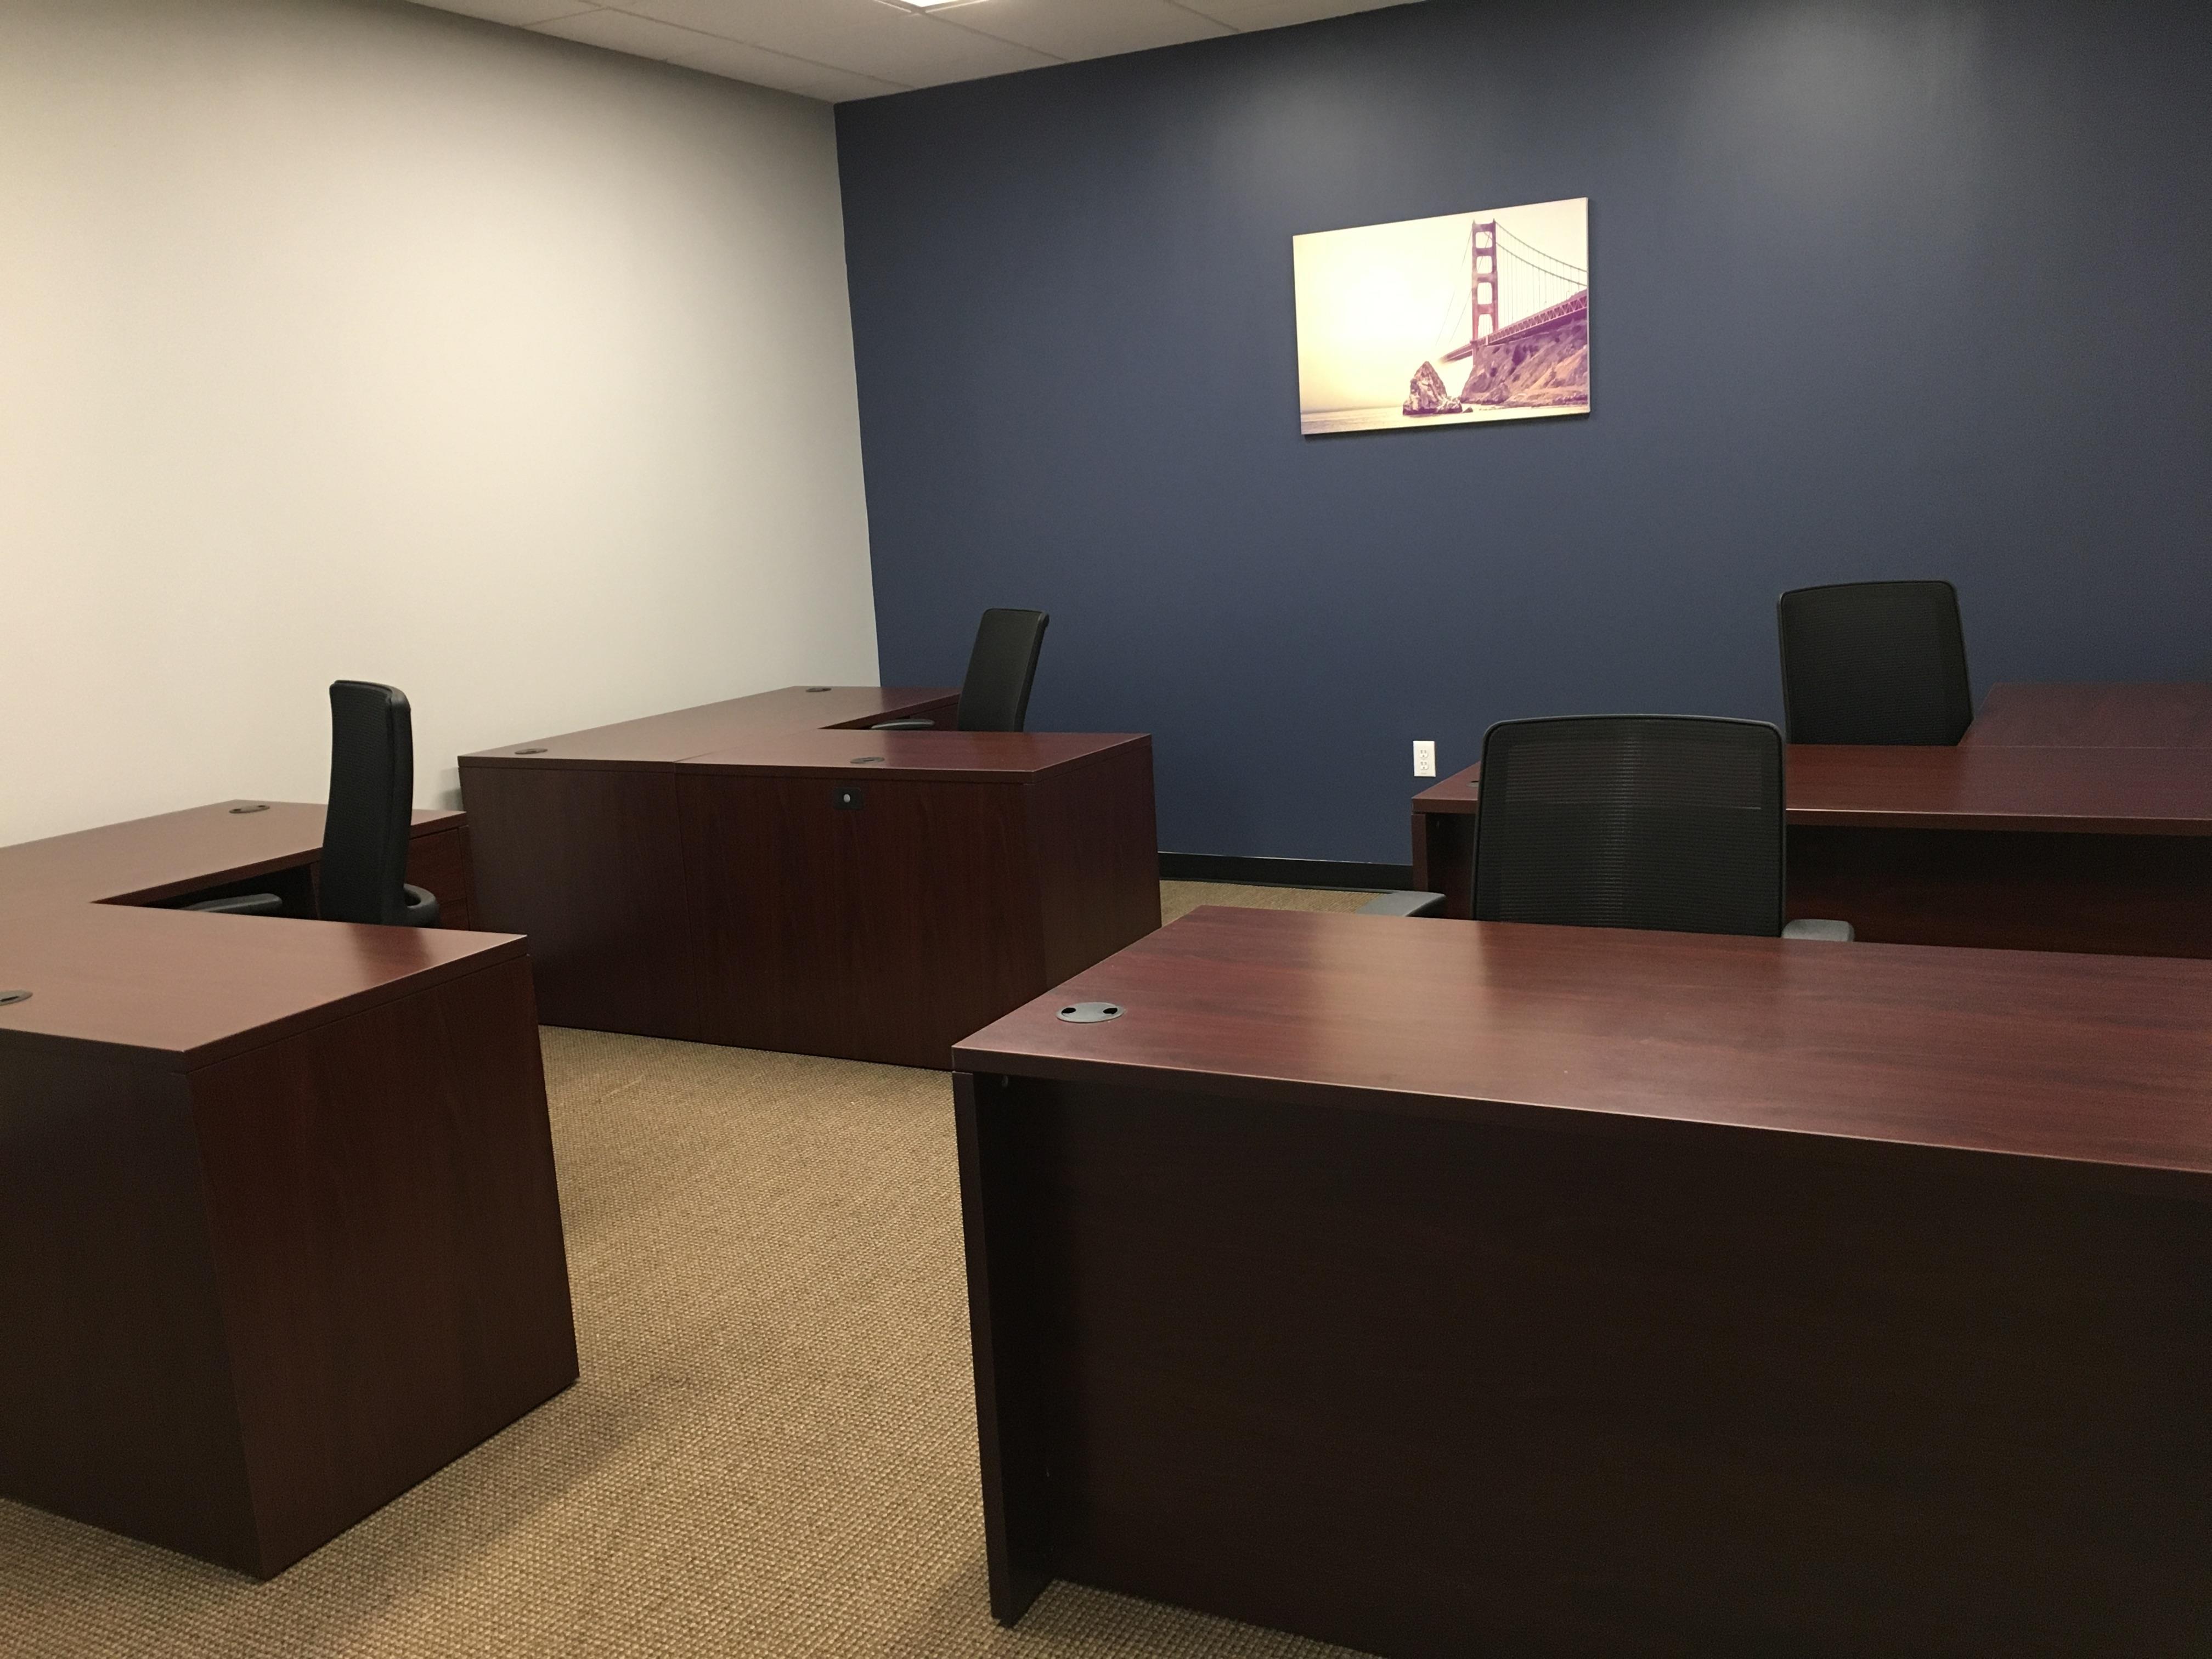 Workspace@45 - Dedicated Desk Area